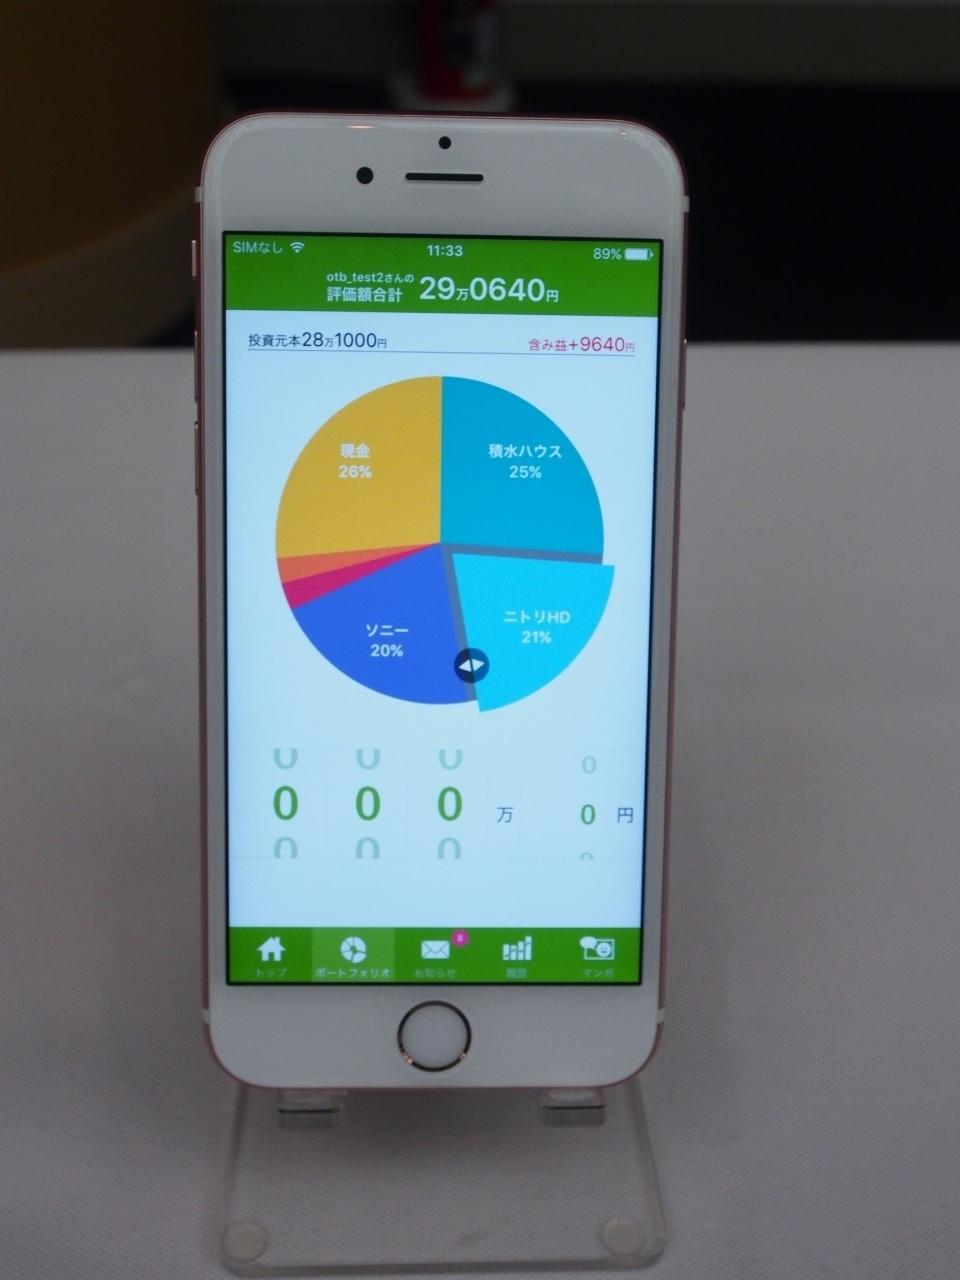 1000円で株主に!証券取引アプリ「One Tap Buy」が日本株個別銘柄の取り扱いスタート 13番目の画像